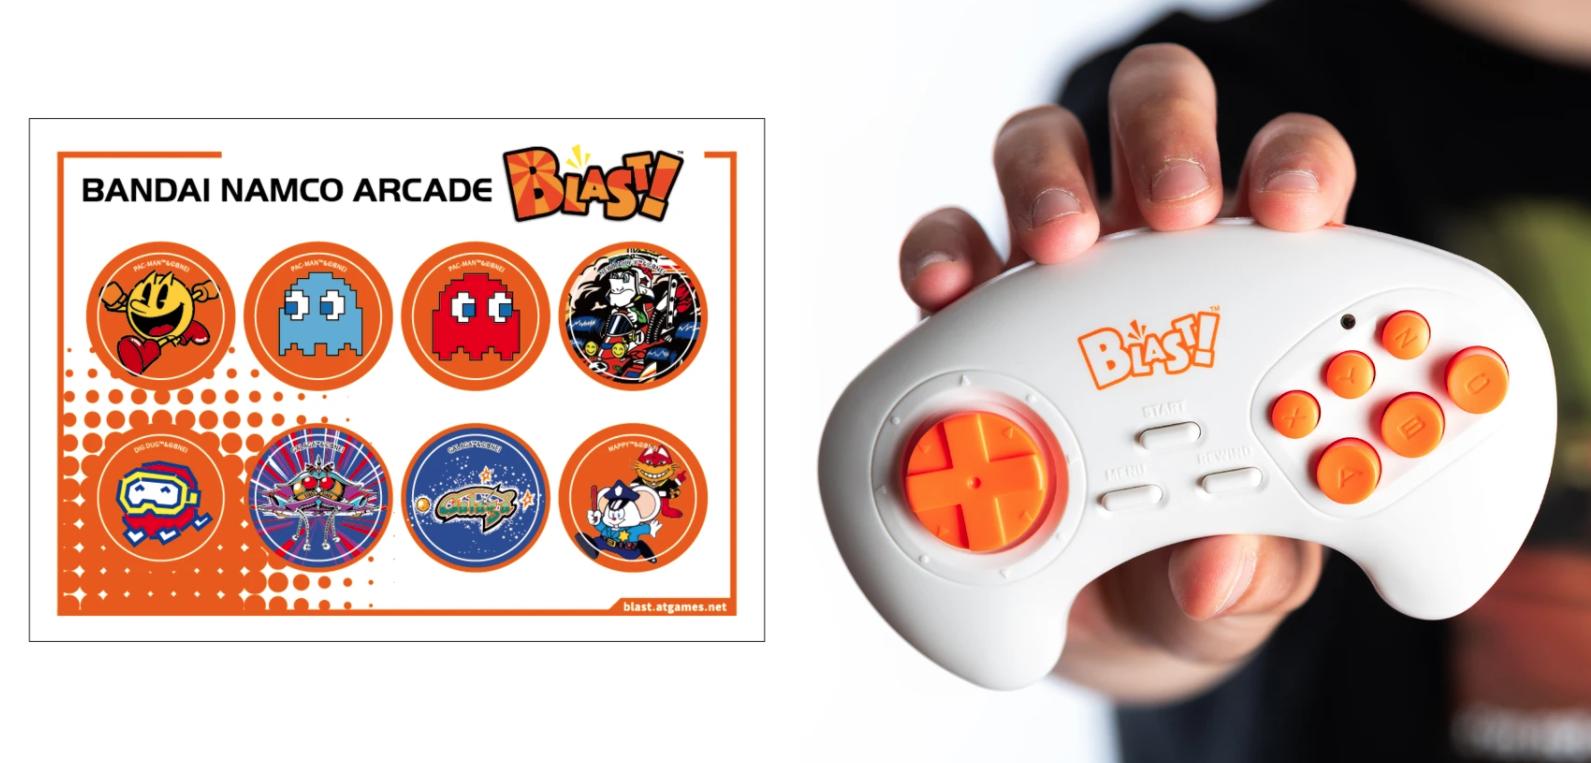 Pac-Man arcade mini console